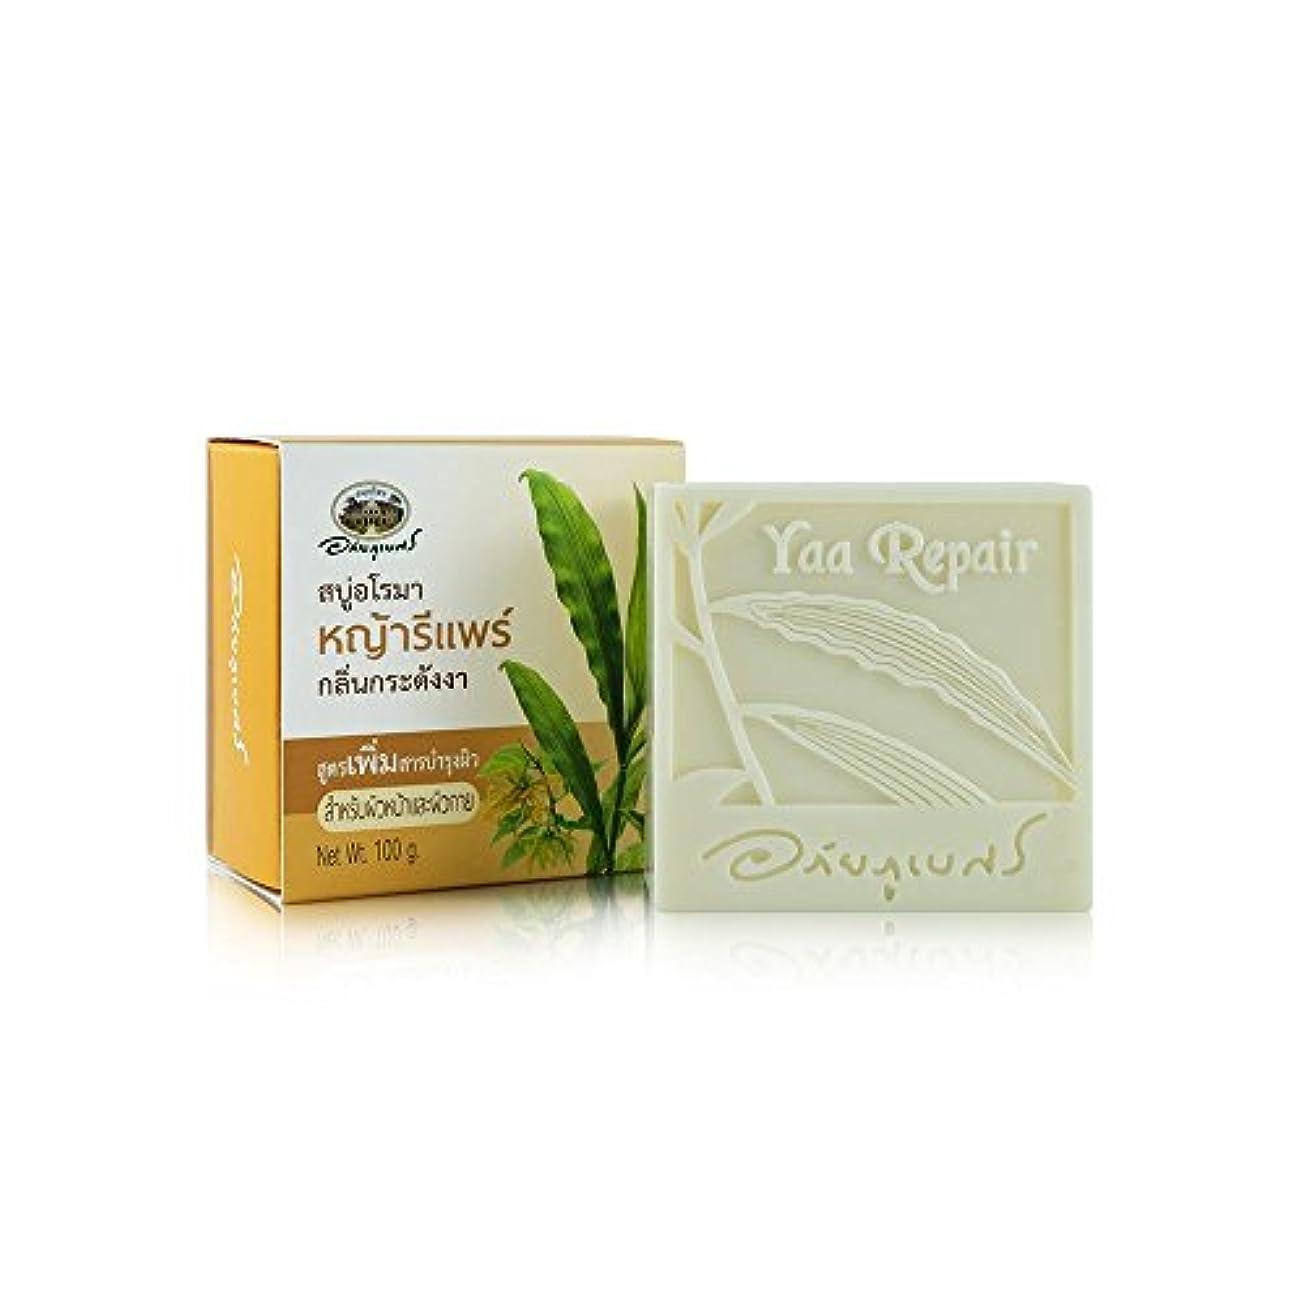 副船尾幻滅Abhaibhubejhr Thai Aromatherapy With Ylang Ylang Skin Care Formula Herbal Body Face Cleaning Soap 100g.